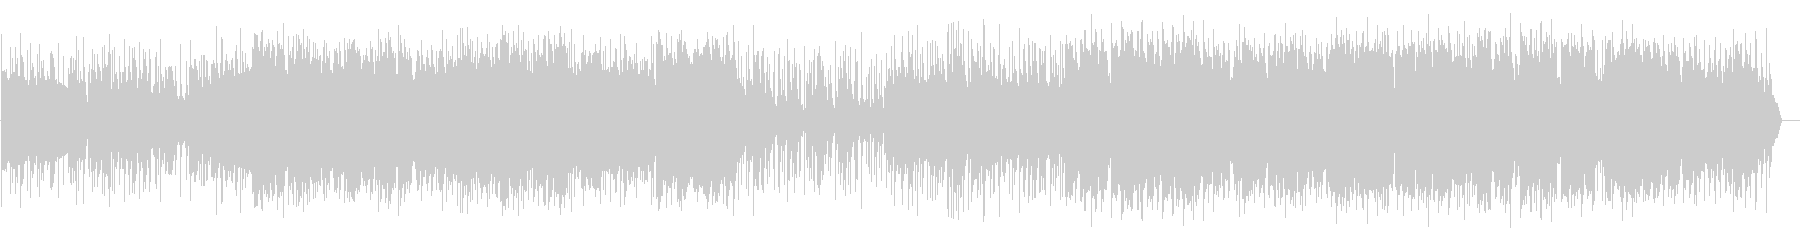 トランペットがメインのシネマ風ジャズの未再生の波形